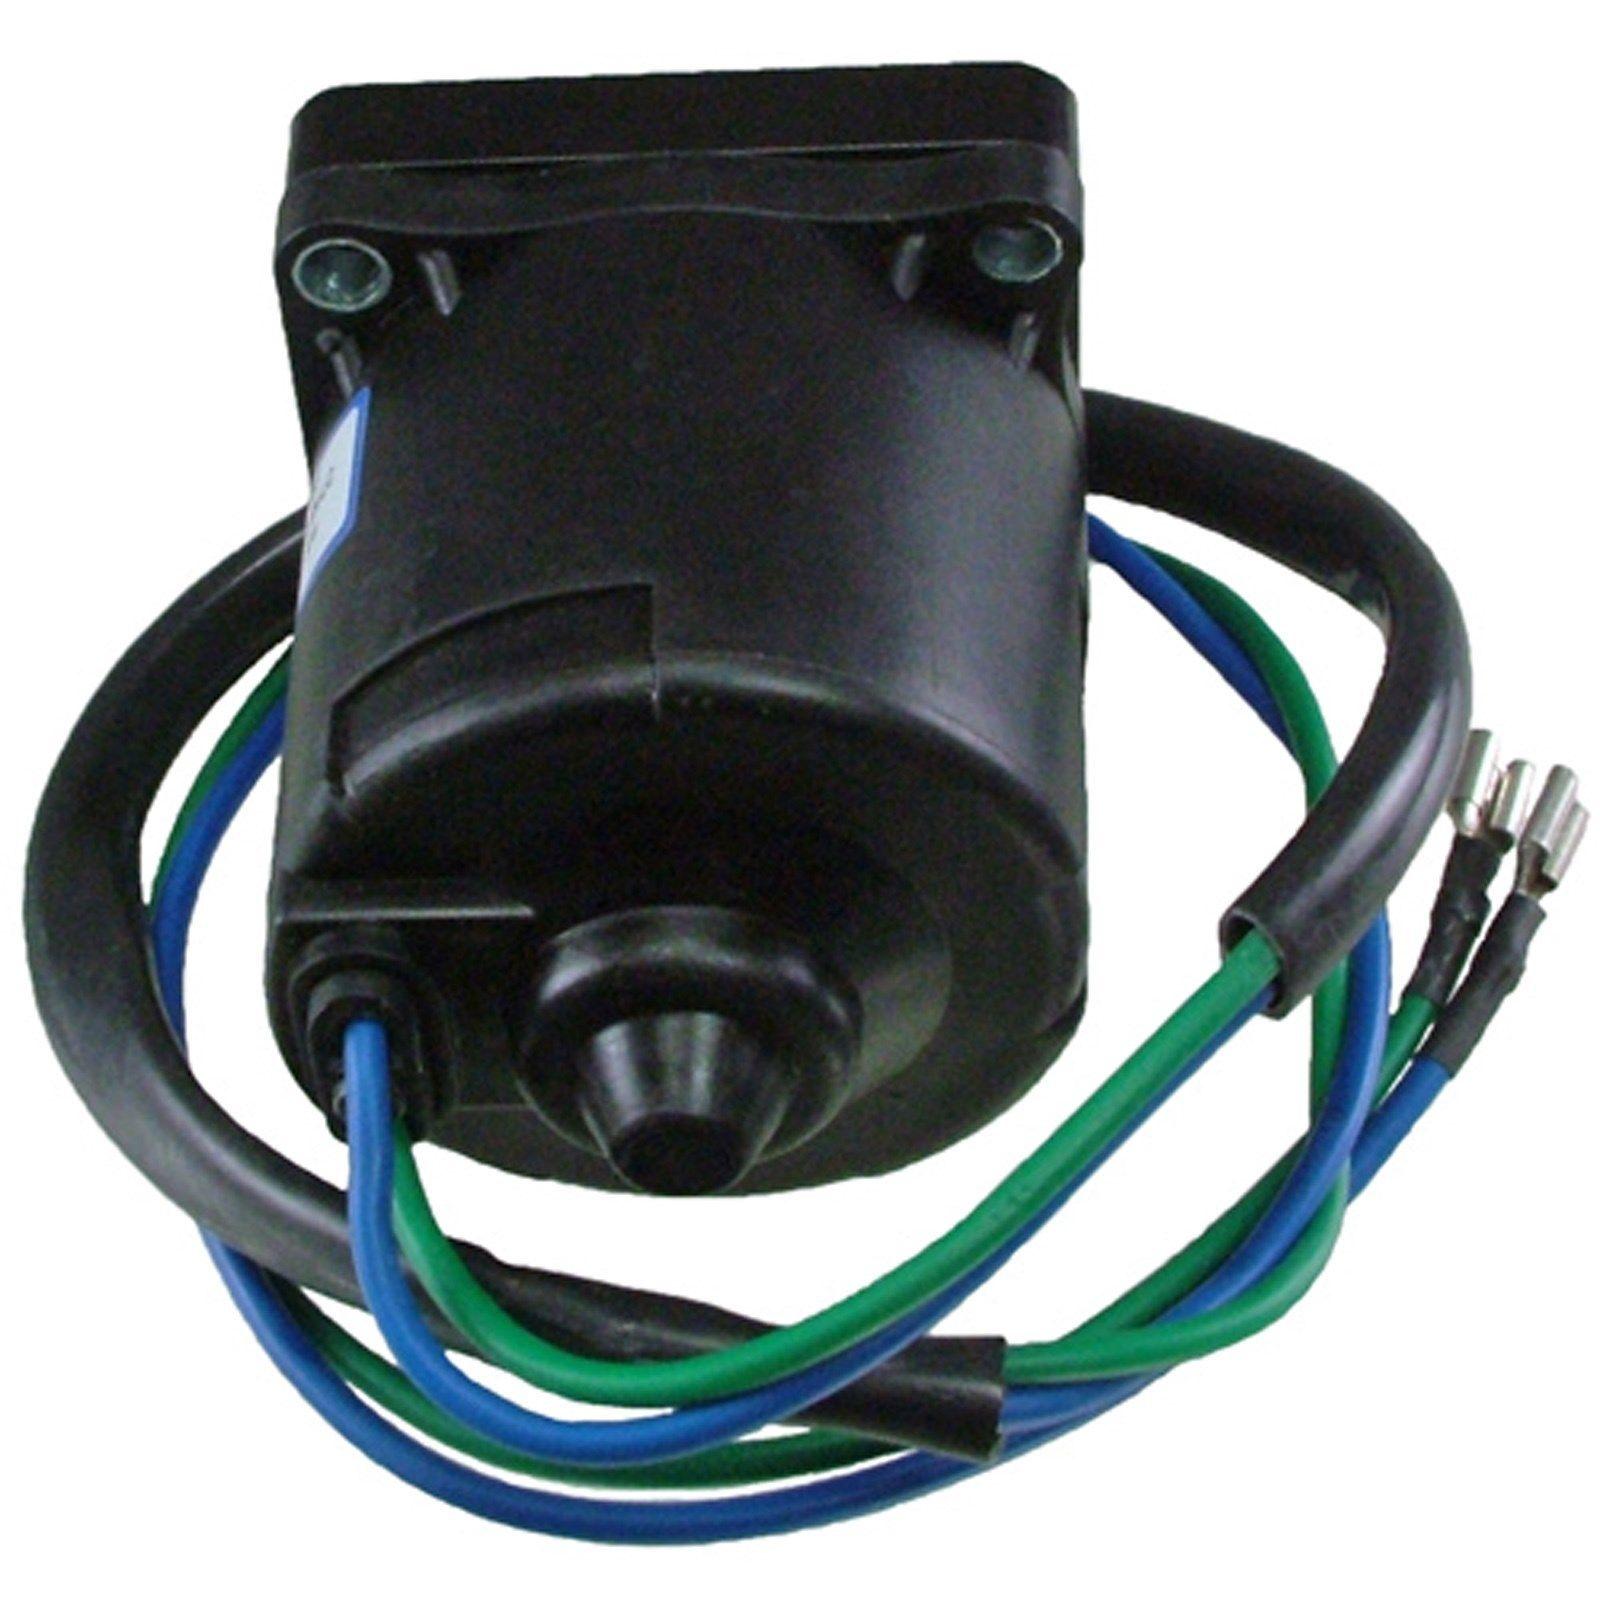 New Tilt Trim Motor 60 70 90 115 150 175 200 225 OMC Evinrude Johnson 1991-On